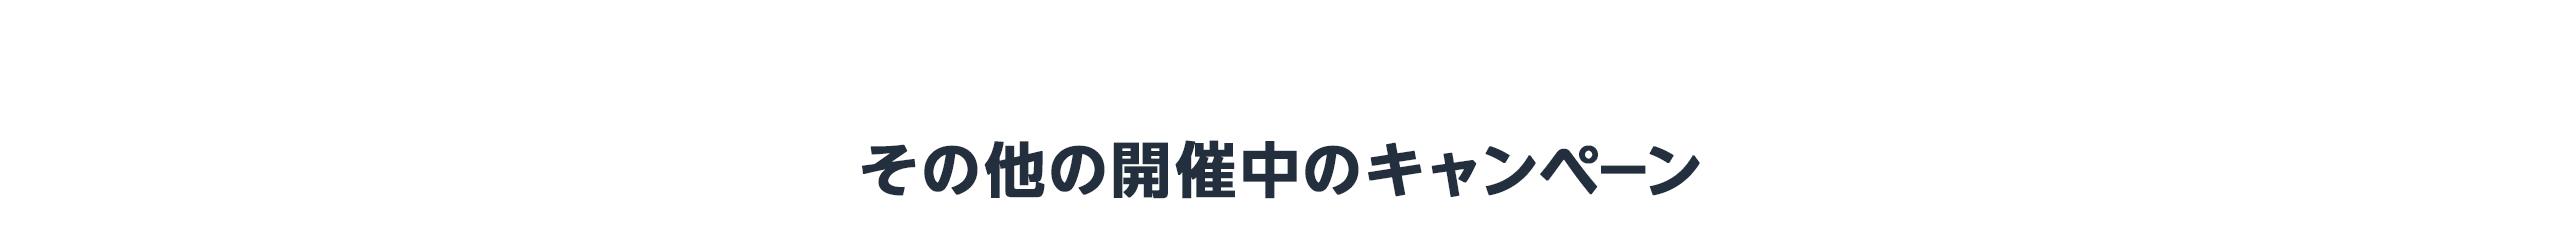 おすすめの開催中キャンペーン